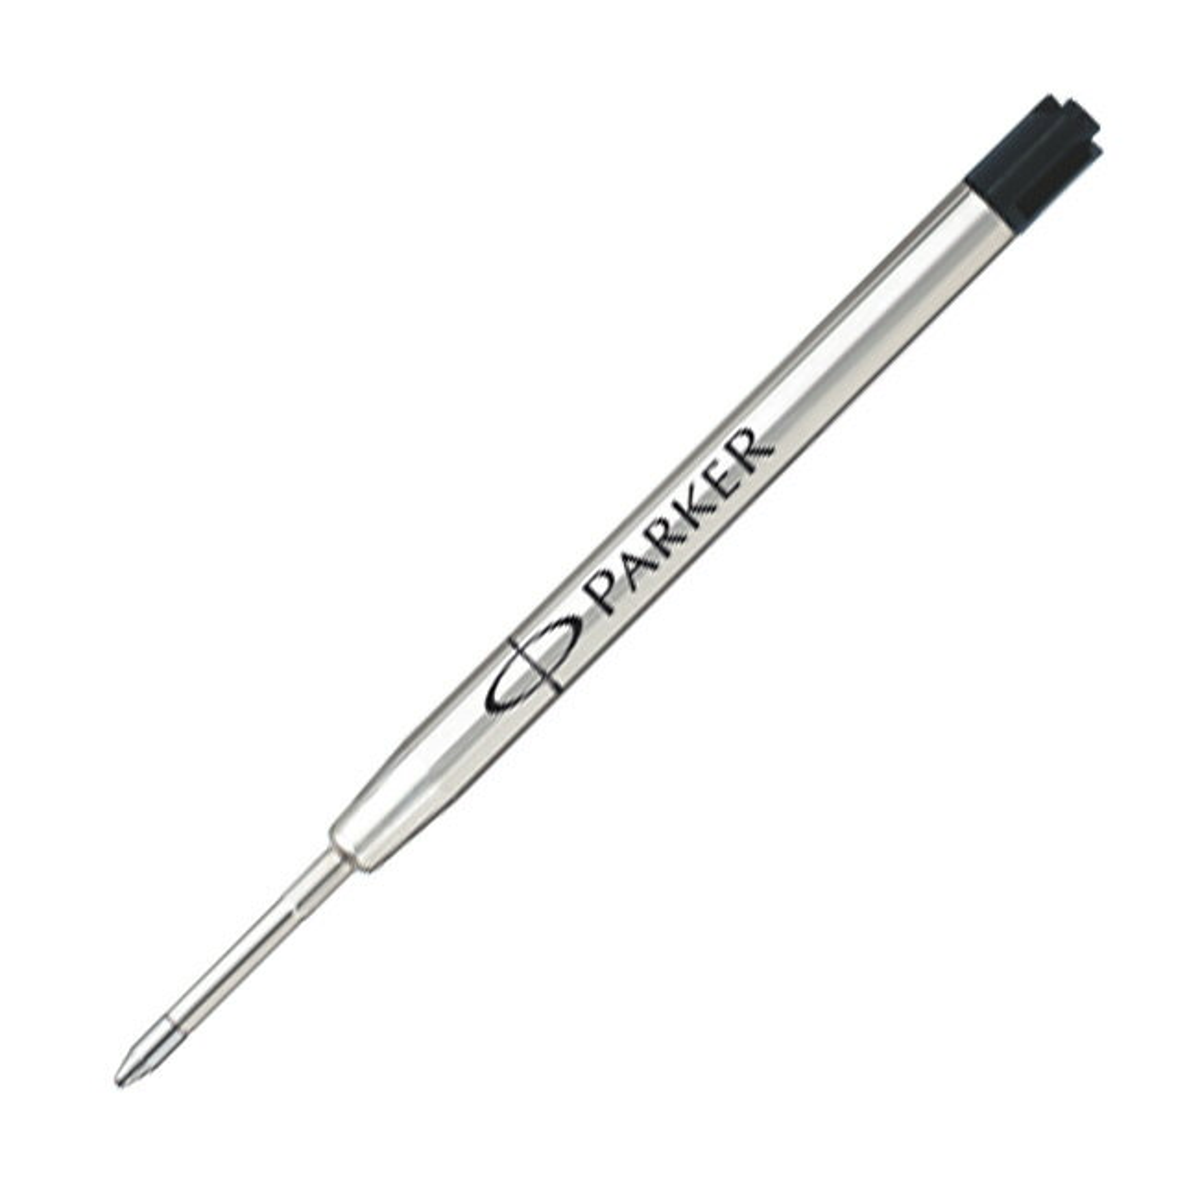 筆記具, ボールペン替芯  PARKER S1164313 3 RCP